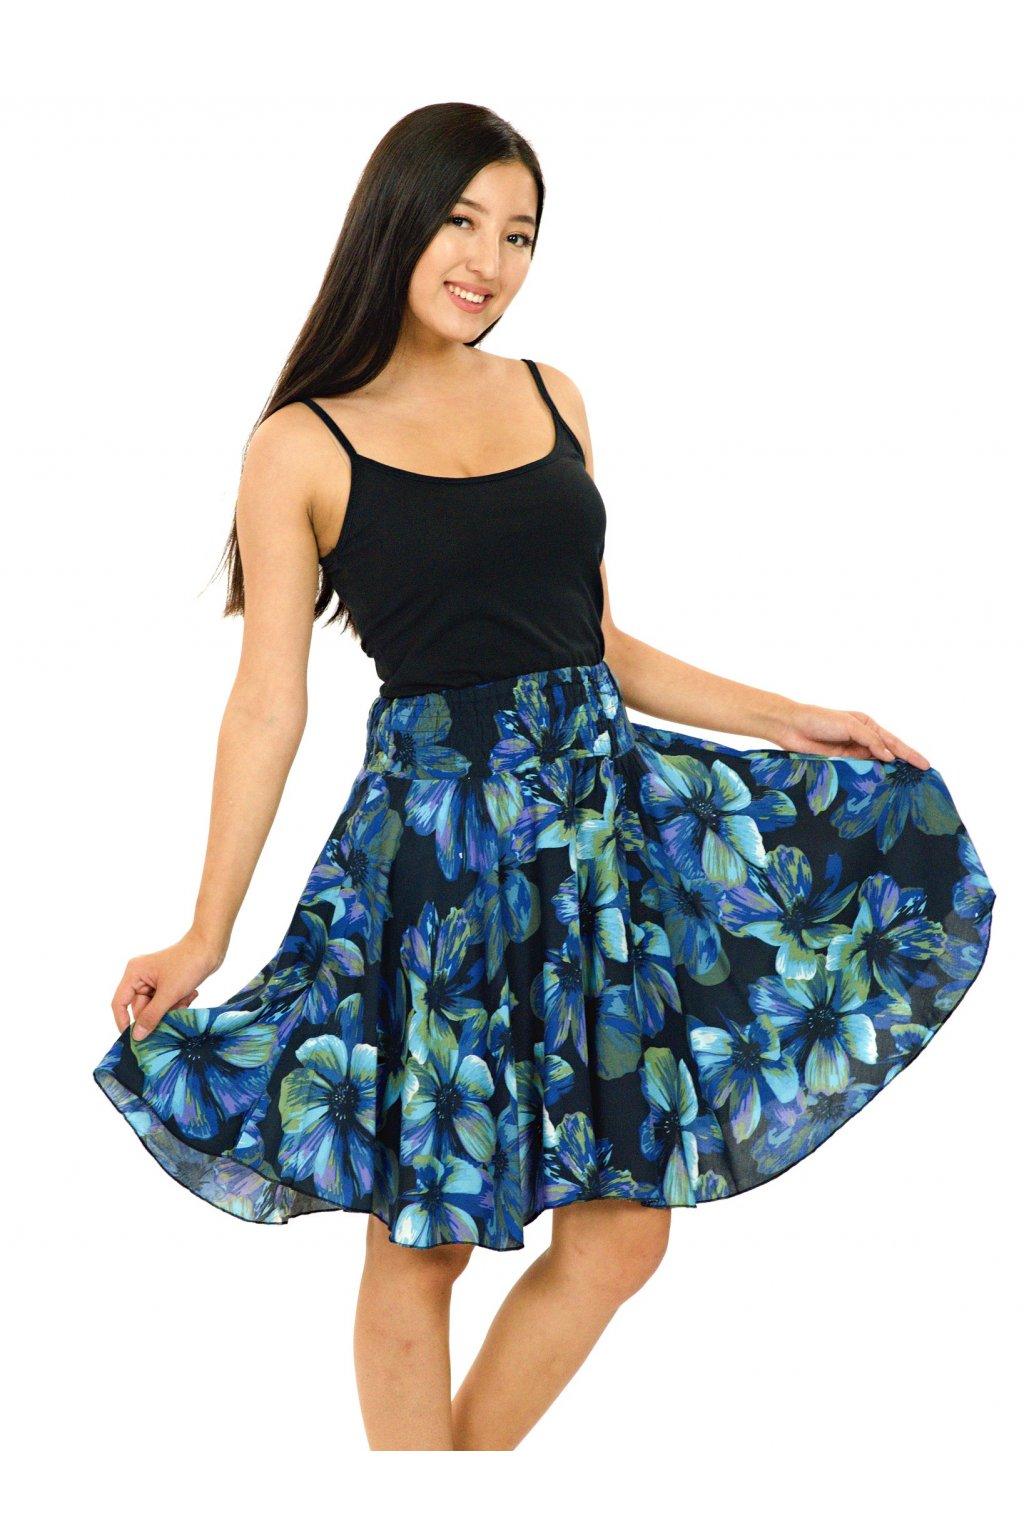 Kolová sukně Tiaré - tyrkysová s modrou